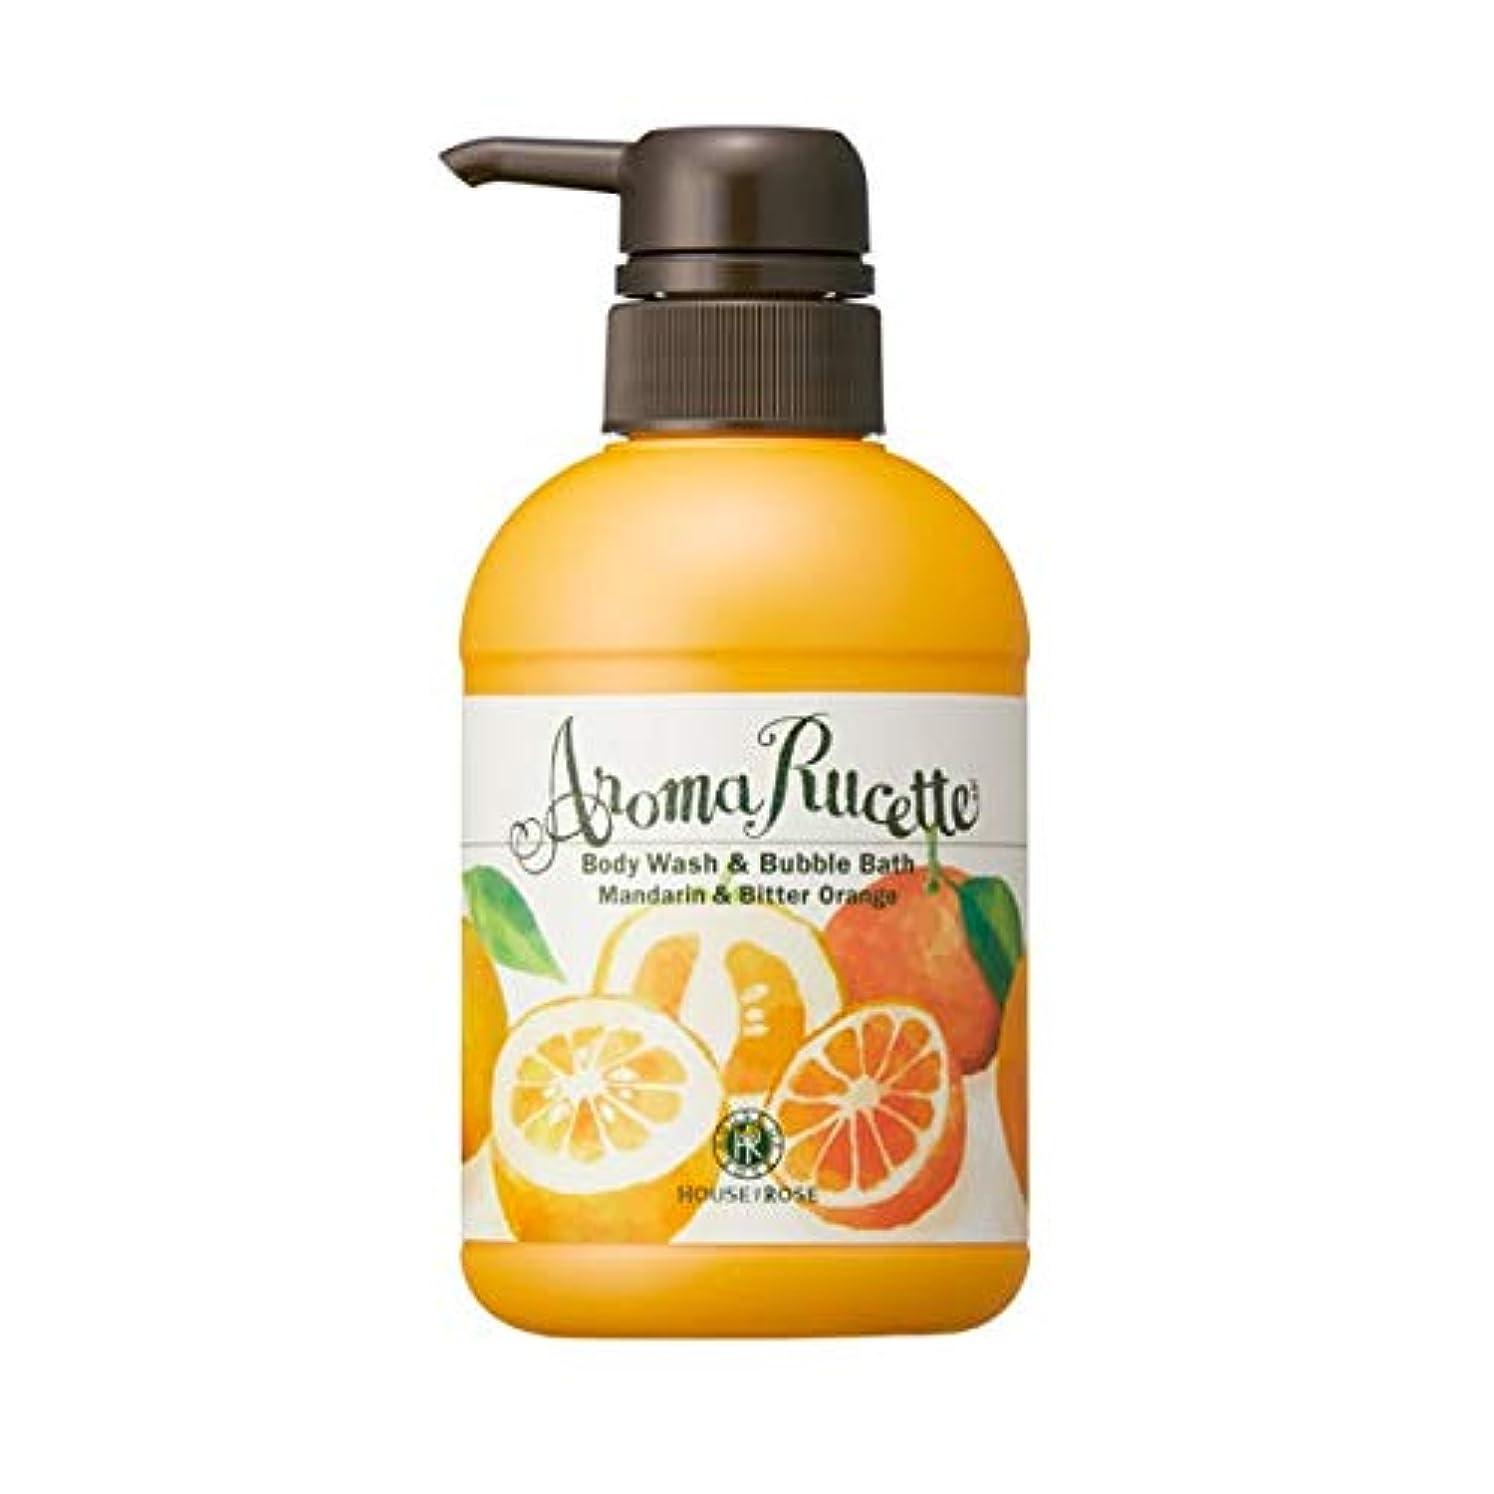 トピックアライメント楽観HOUSE OF ROSE(ハウスオブローゼ) ハウスオブローゼ/アロマルセット ボディウォッシュ&バブルバス MD&BO(マンダリン&ビターオレンジの香り)350mL